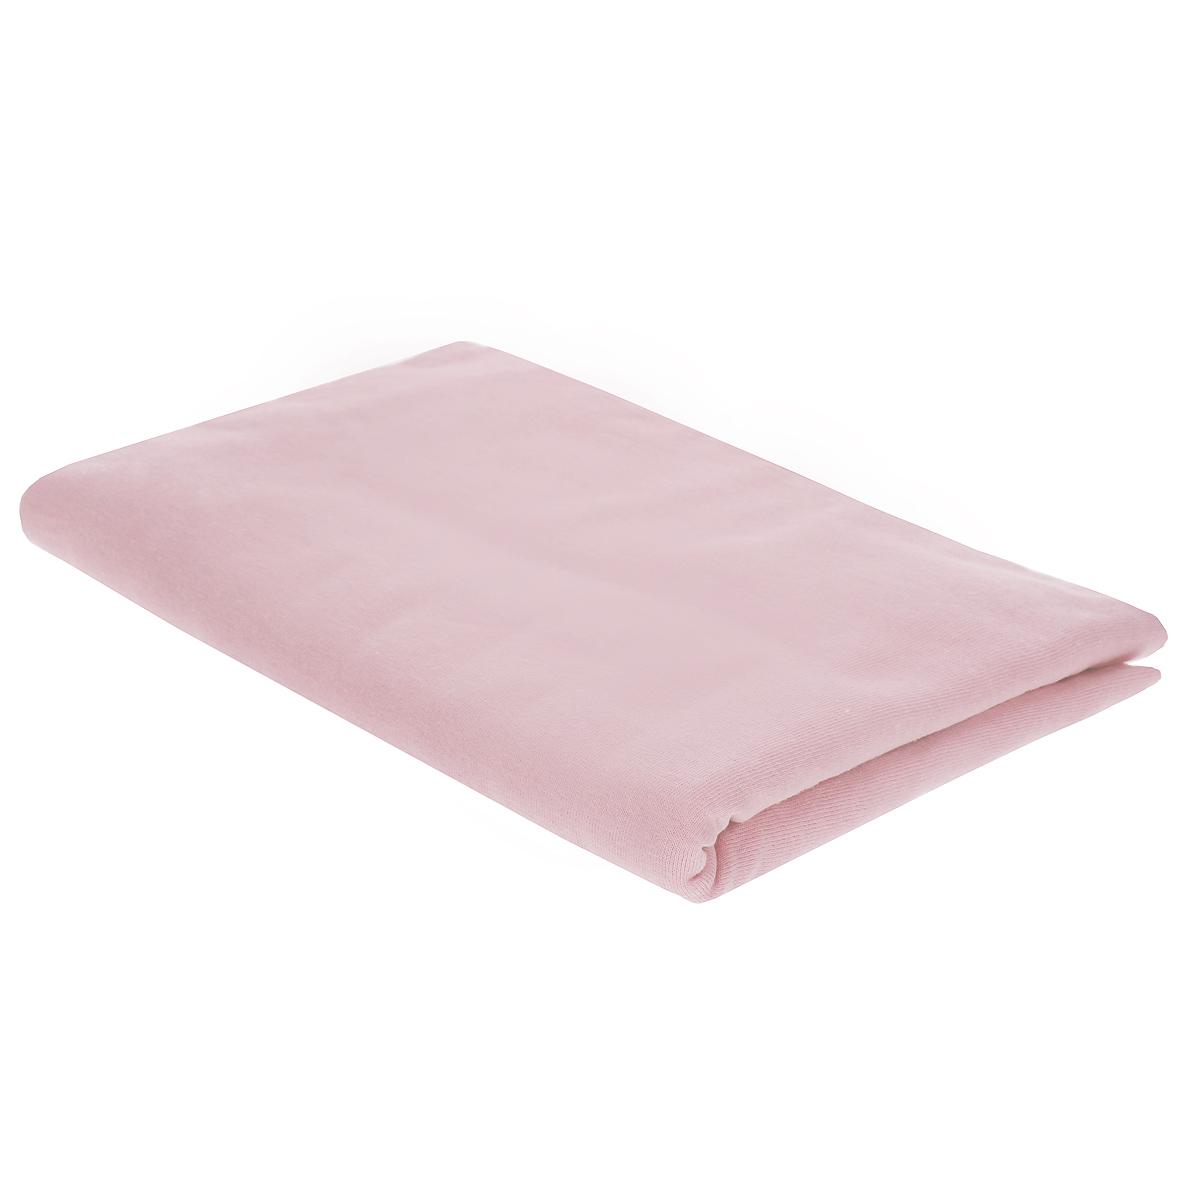 Пеленка трикотажная Трон-Плюс, цвет: розовый, 120 см х 90 см5401 рДетская пеленка Трон-Плюс подходит для пеленания ребенка с самого рождения. Она невероятно мягкая и нежная на ощупь. Пеленка выполнена из кулирки - тонкого трикотажного материала из хлопка гладкого покроя. Такая ткань прекрасно дышит, она гипоаллергенна, почти не мнется и не теряет формы после стирки. Мягкая ткань укутывает малыша с необычайной нежностью. Пеленку также можно использовать как легкое одеяло в жаркую погоду, простынку, полотенце после купания, накидку для кормления грудью или солнцезащитный козырек. Ее размер подходит для пеленания даже крупного малыша. Характеристики:Размер пеленки: 120 см x 90 см.